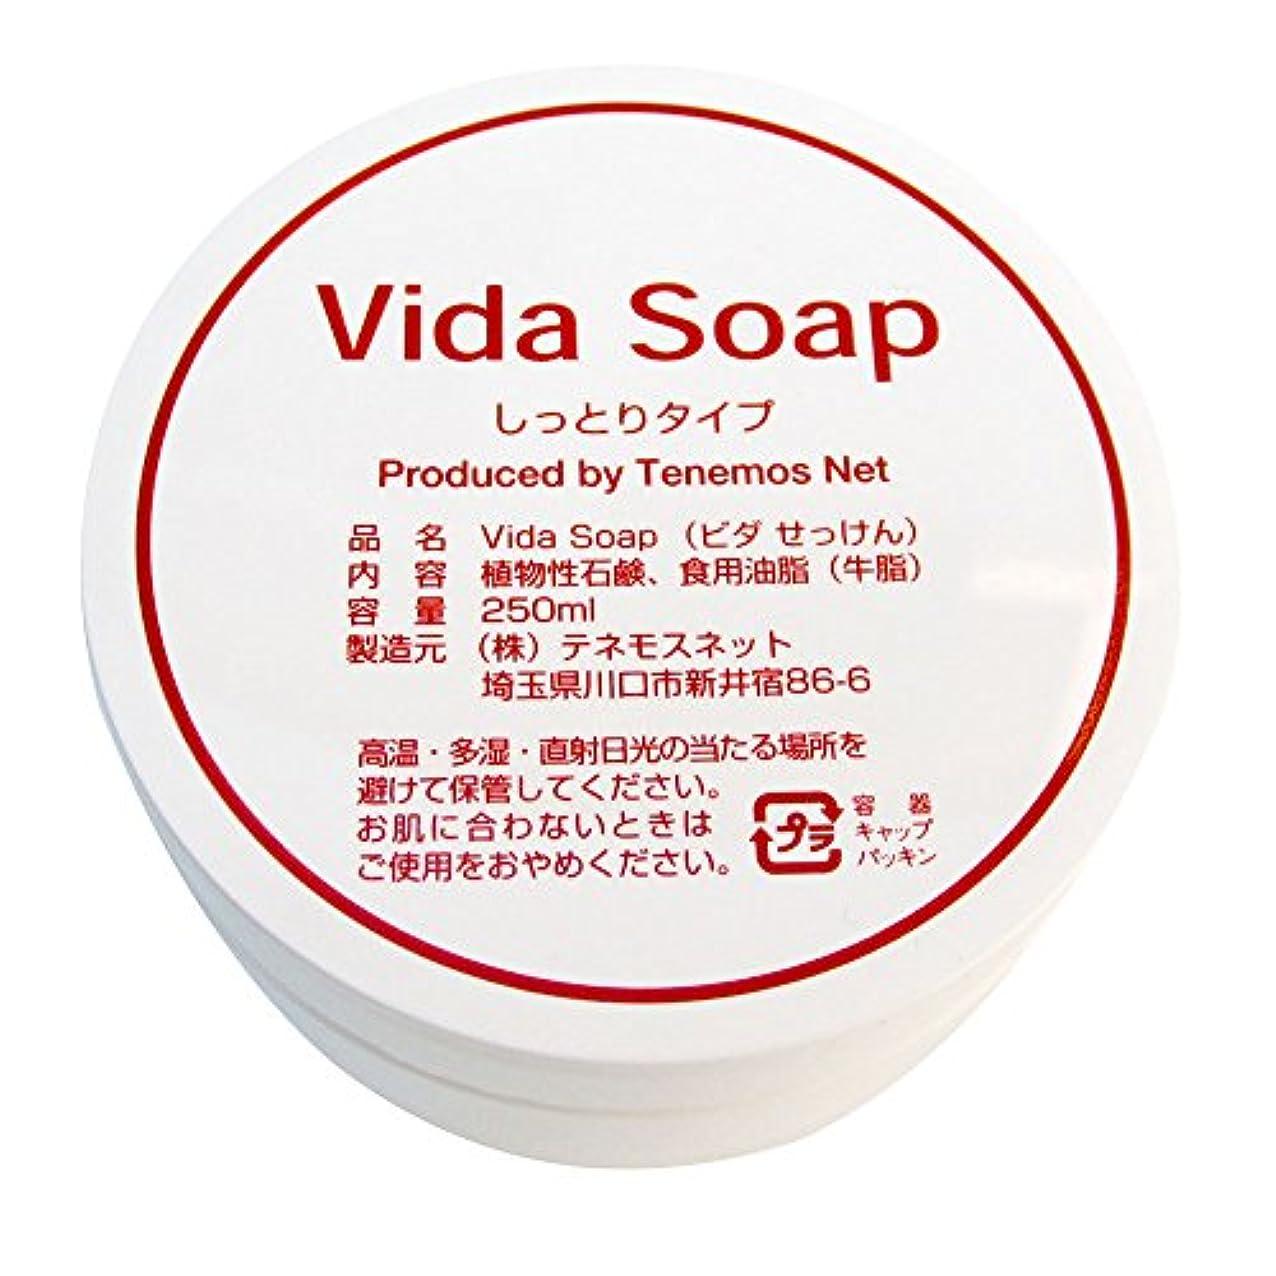 首平衡高くテネモス ビダせっけん Vida Soap しっとりノーマル 動物性 250ml